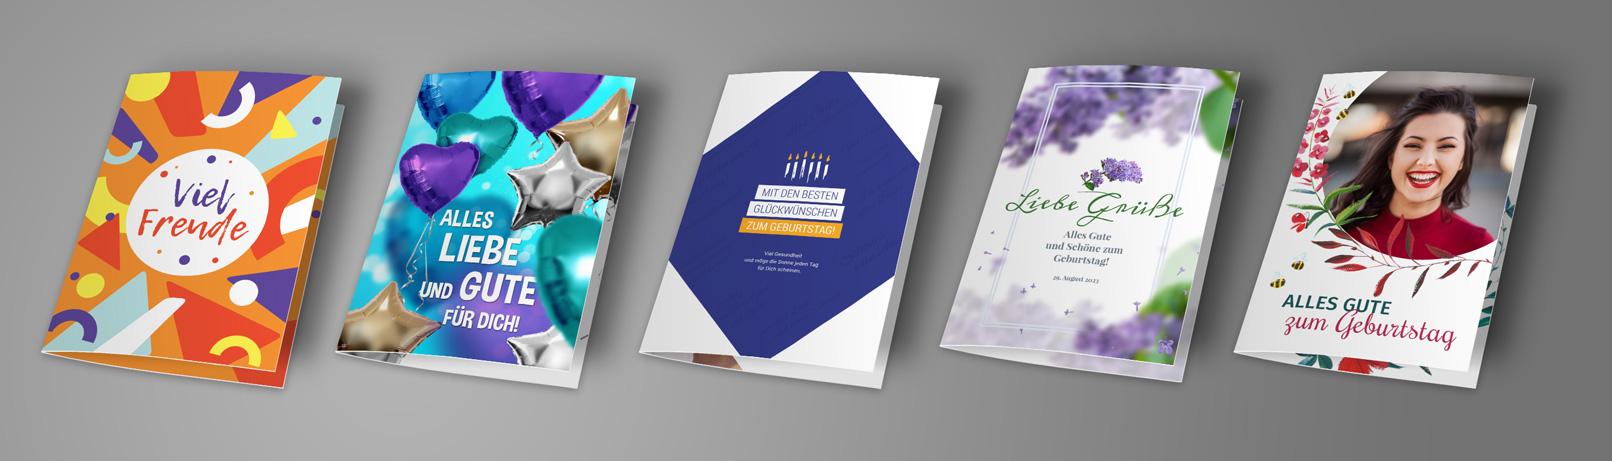 Vorlagen für Geburtstagskarten im A5-Hochformat, selbst gestalten und ausdrucken